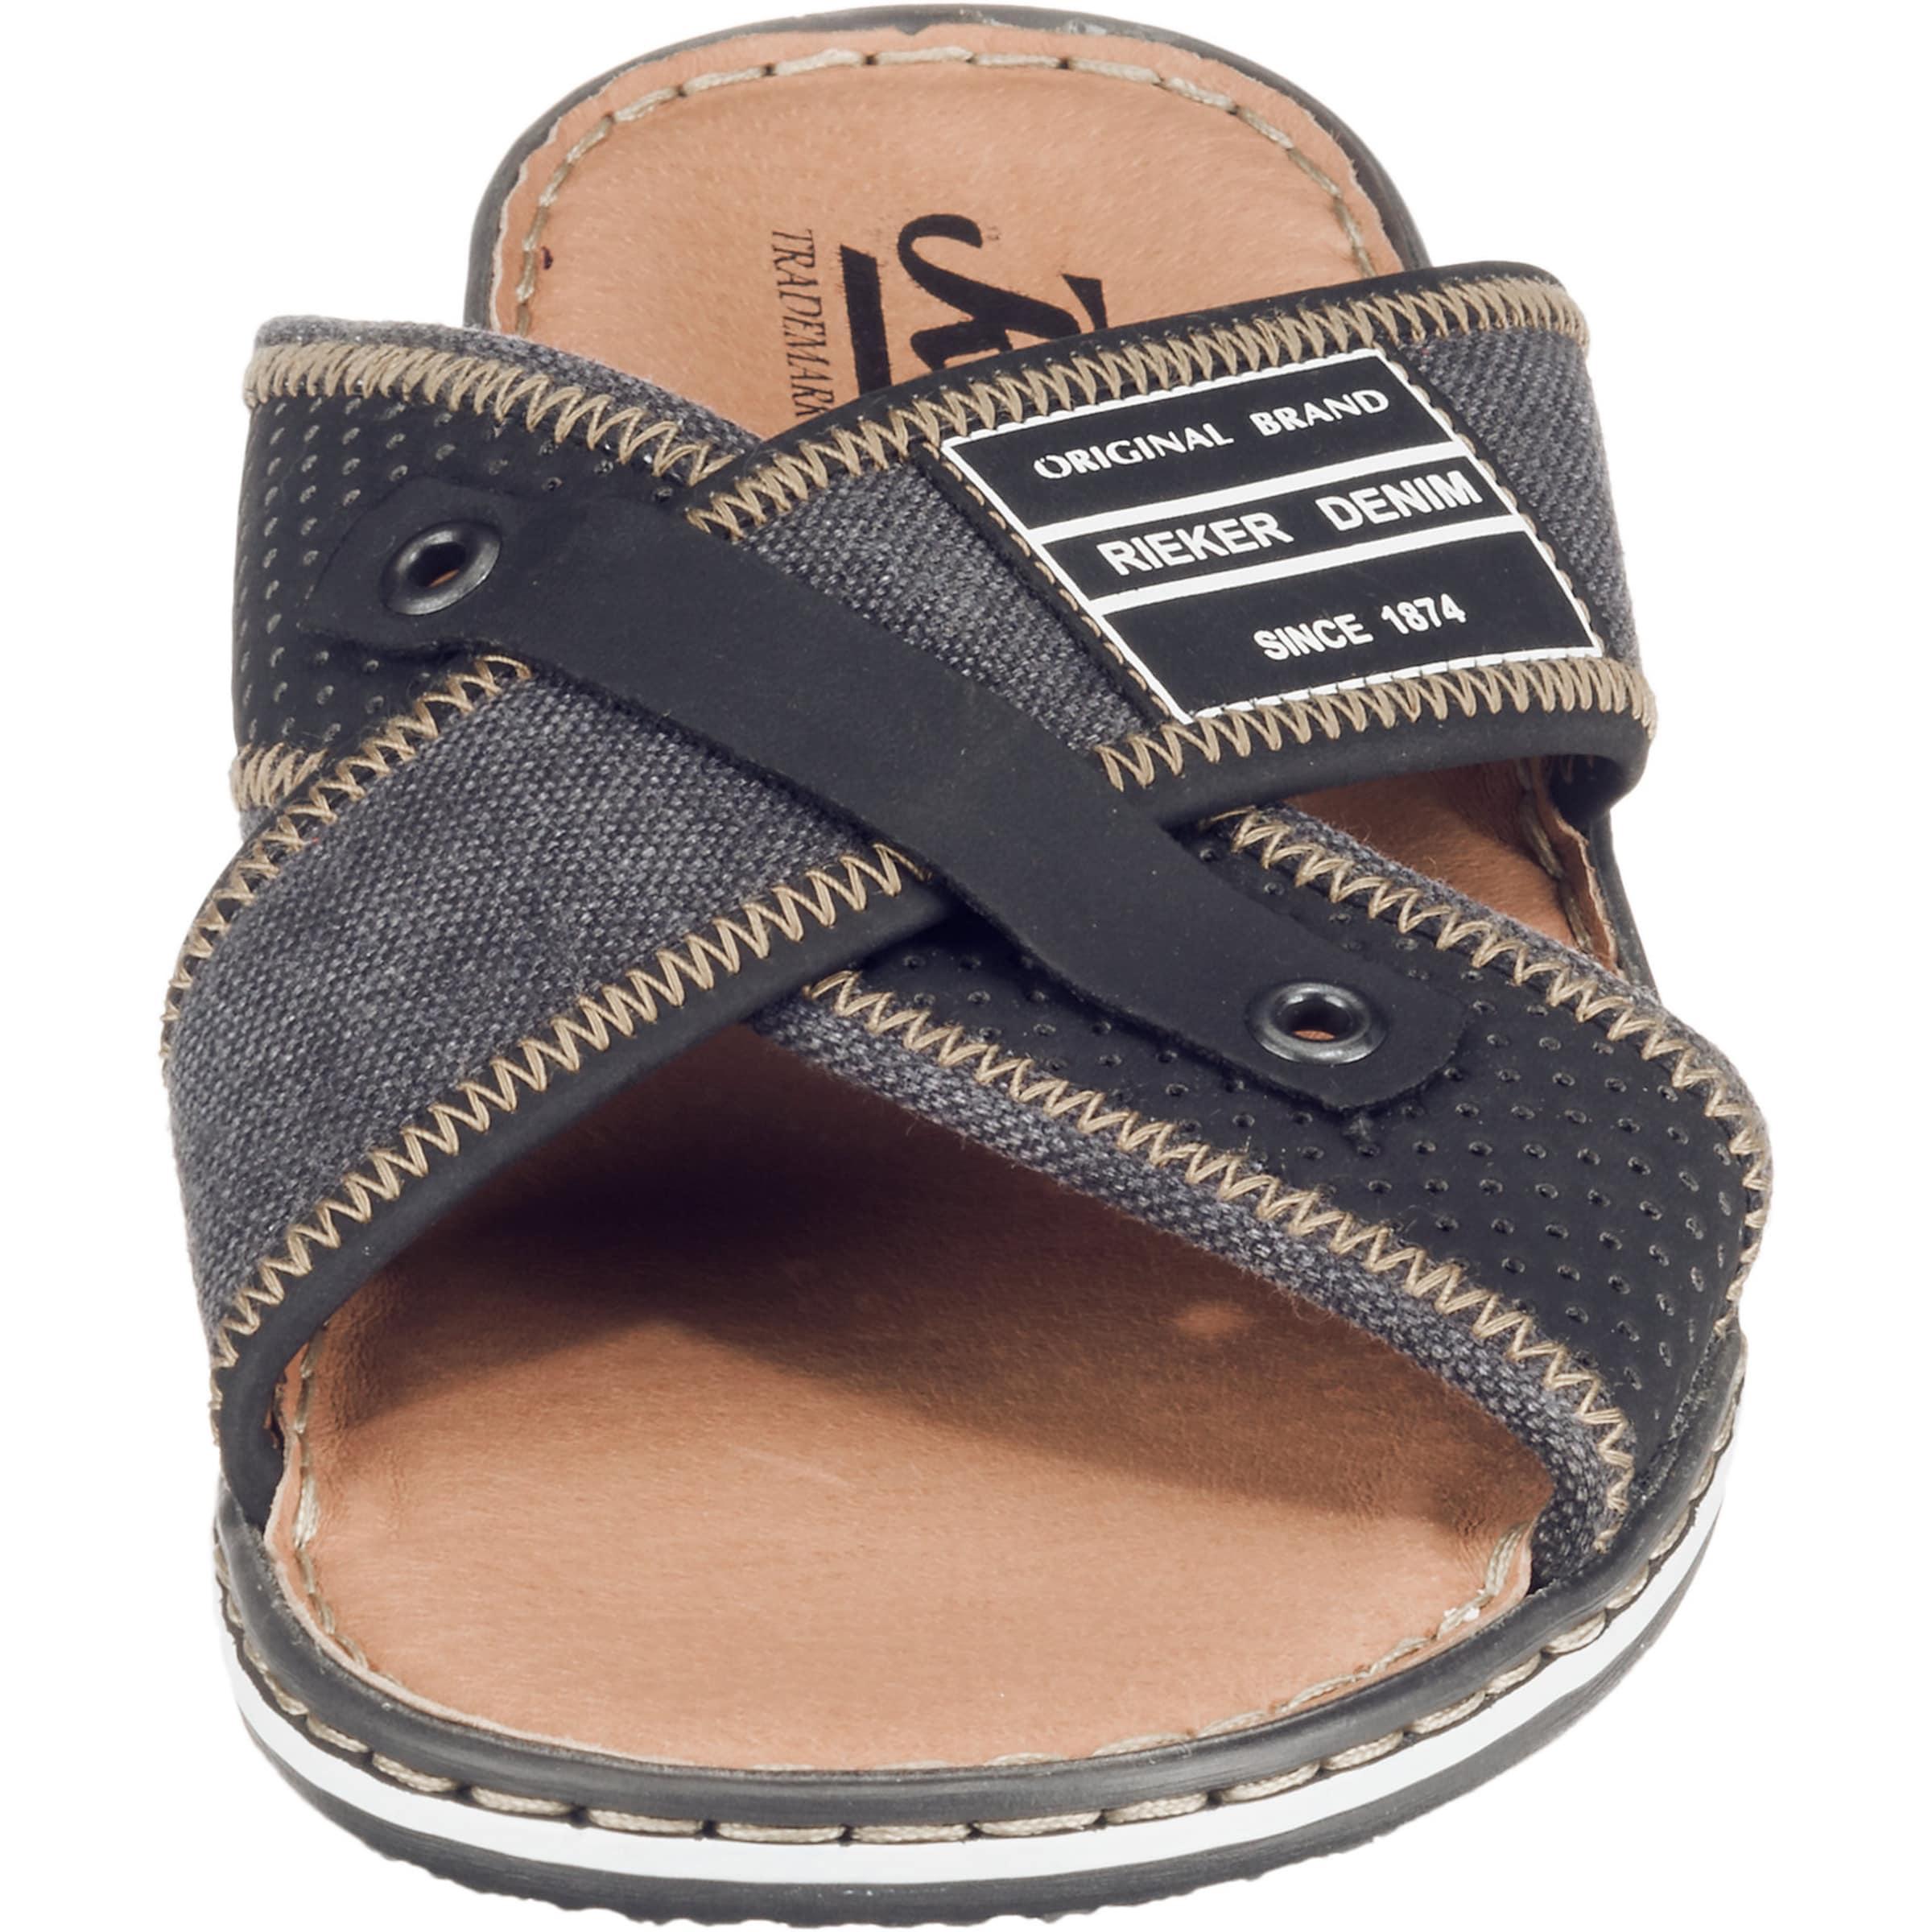 Sandalen In MischfarbenSchwarz Sandalen In Rieker In MischfarbenSchwarz Rieker Rieker Sandalen oCeWBQrdx